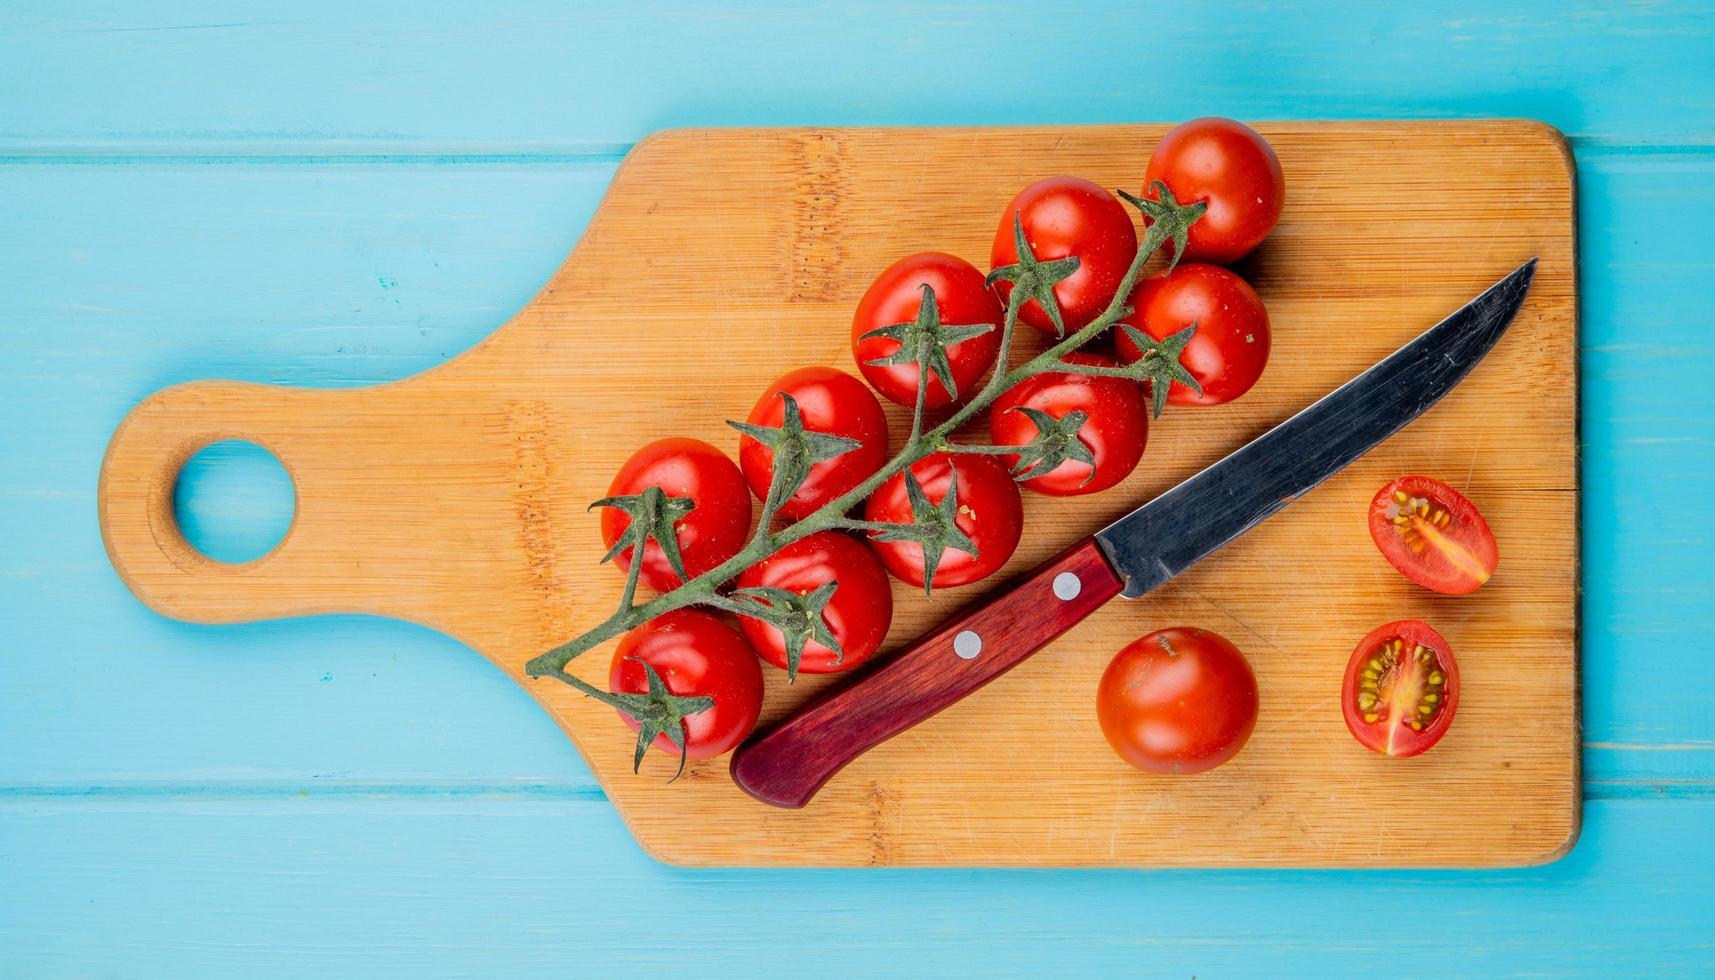 bovenaanzicht van gesneden en hele tomaten met mes op snijplank op blauwe achtergrond foto